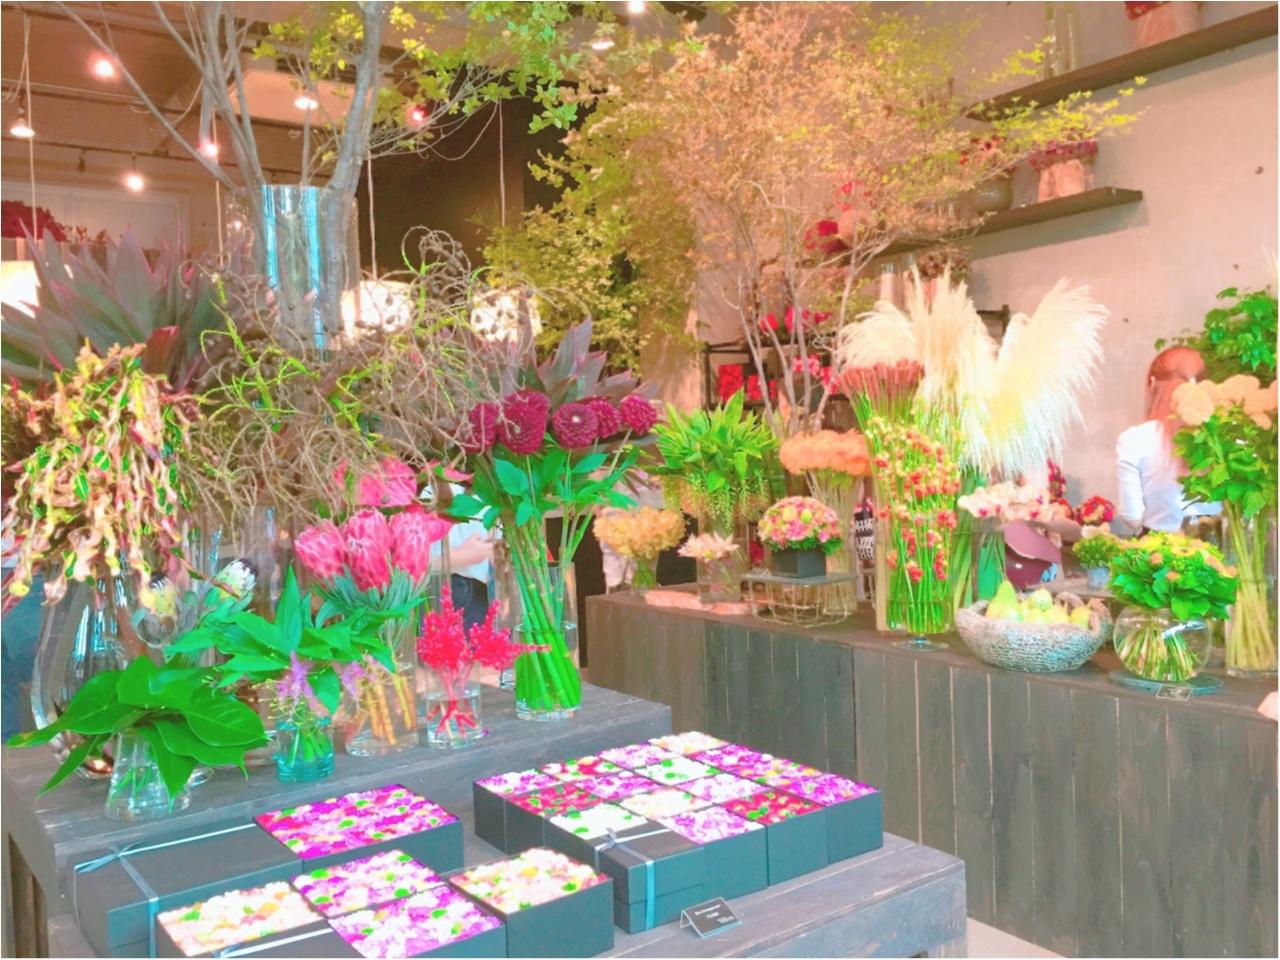 お花の空間に魅了!ニコライバーグマンのカフェがおしゃれすぎる!!_1